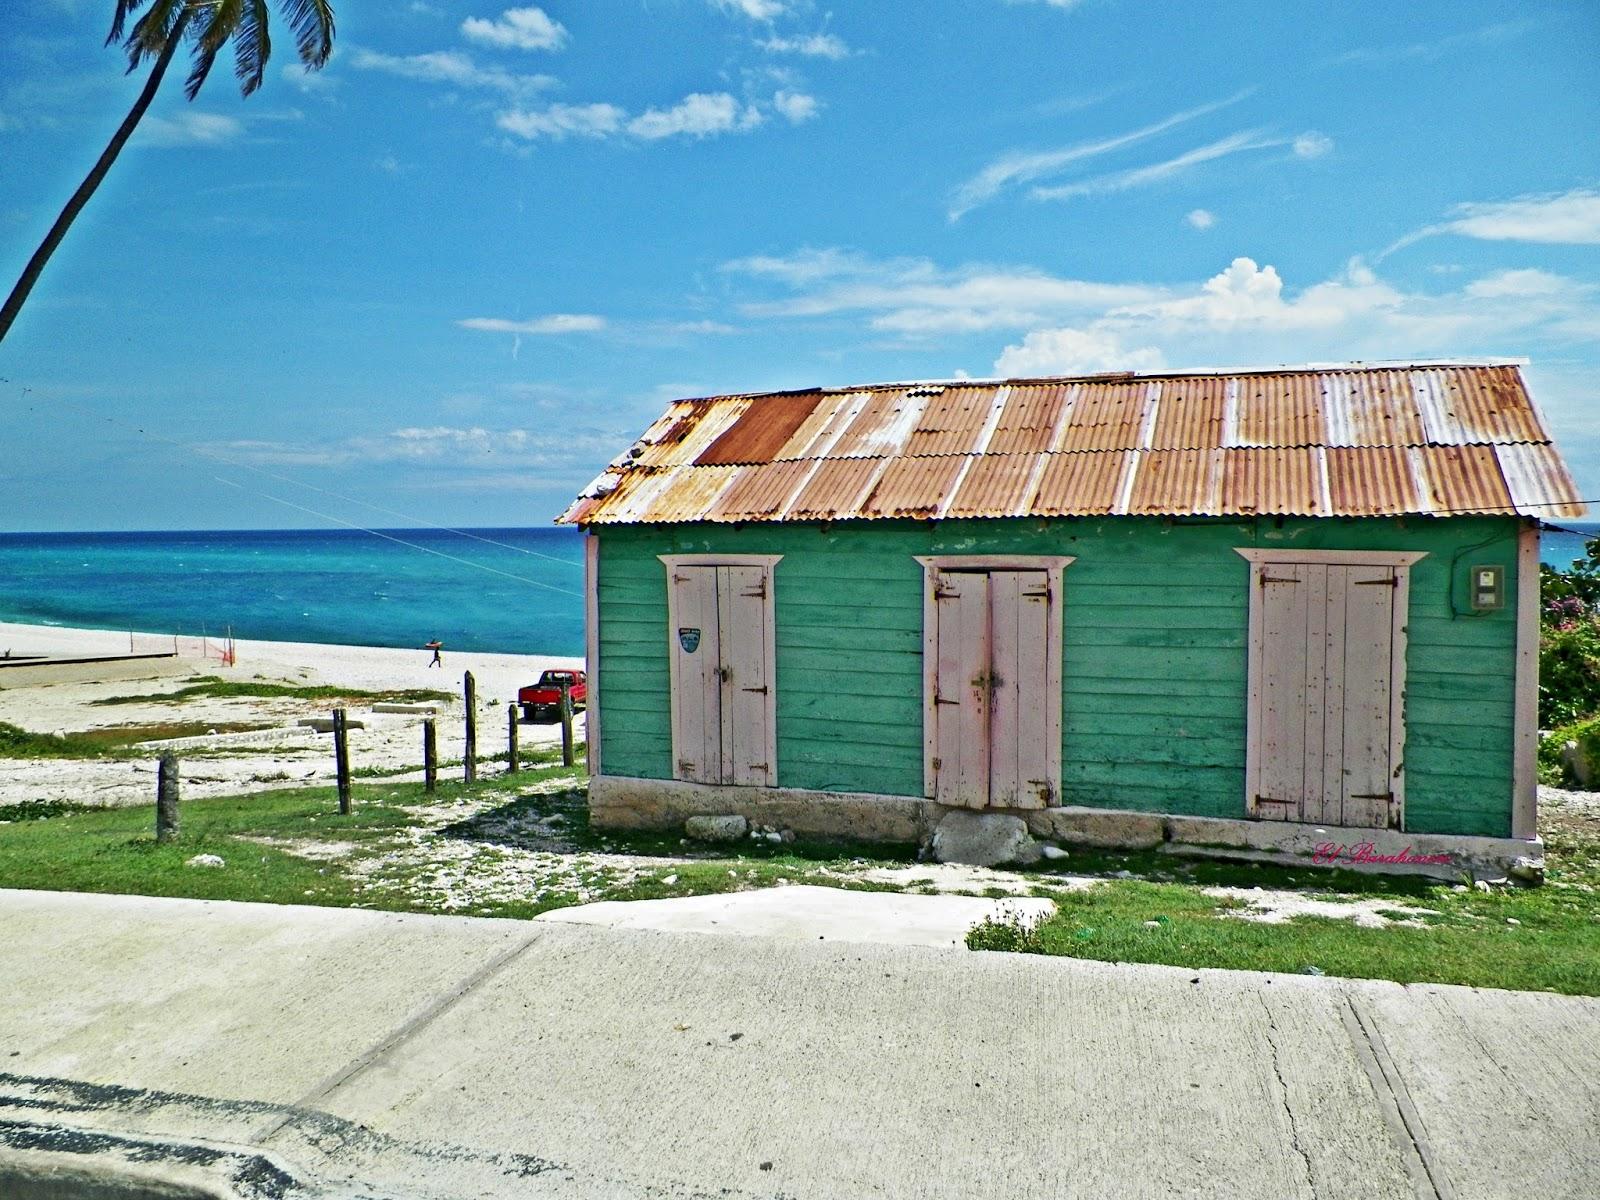 Casa De Madera En Republica Dominicana Pictures to Pin on Pinterest - ThePinsta